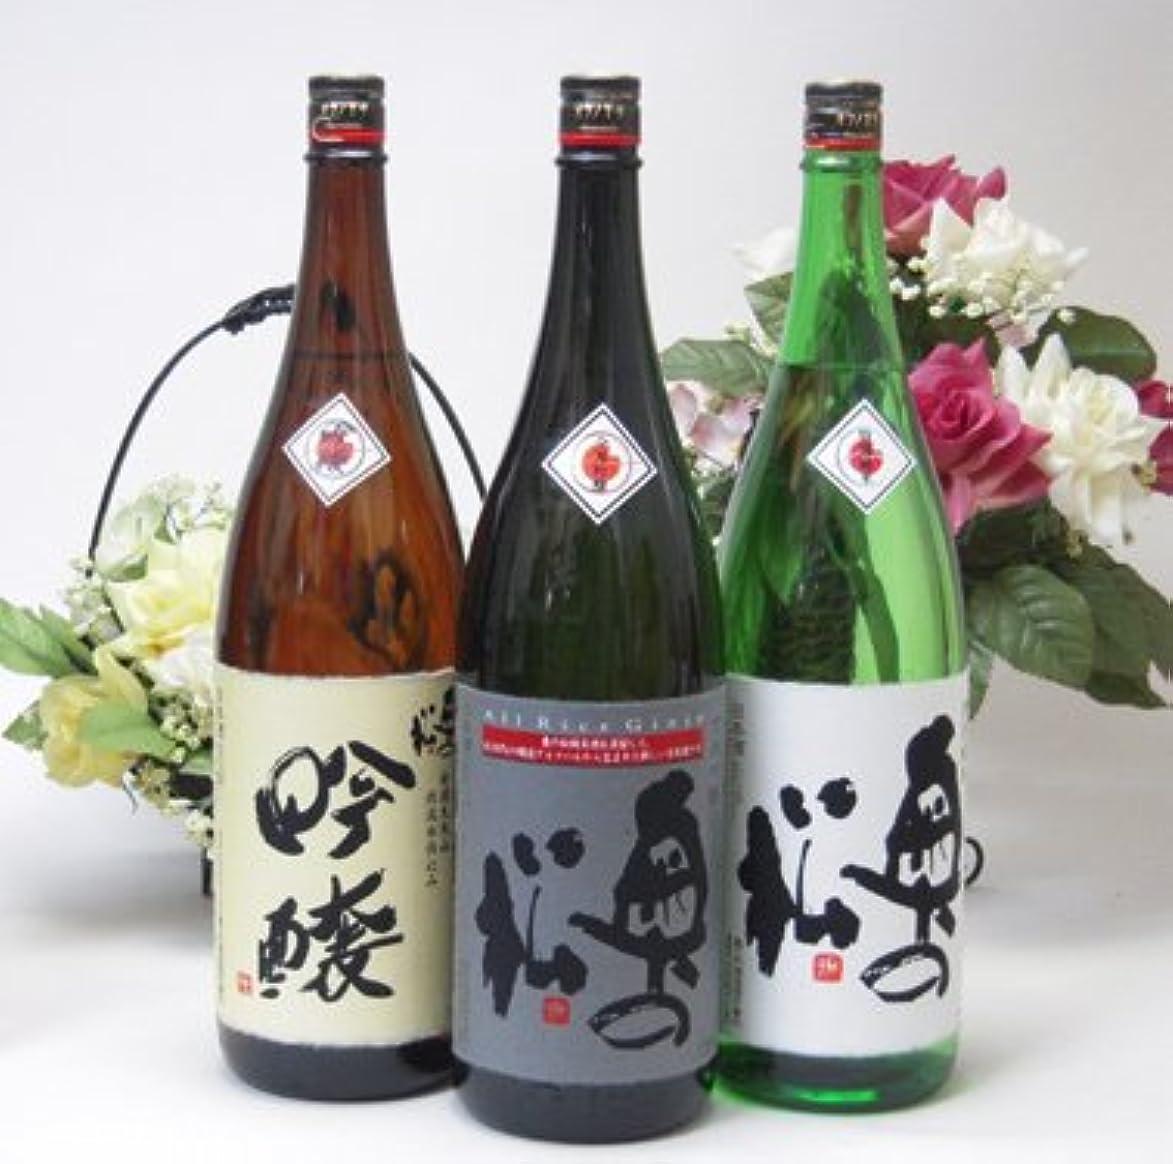 介入する空白掘る東北福島県限定とっておきの地酒3本セット 奥の松酒造 飲み比べ3本セット[福島県] 1800ml×3本